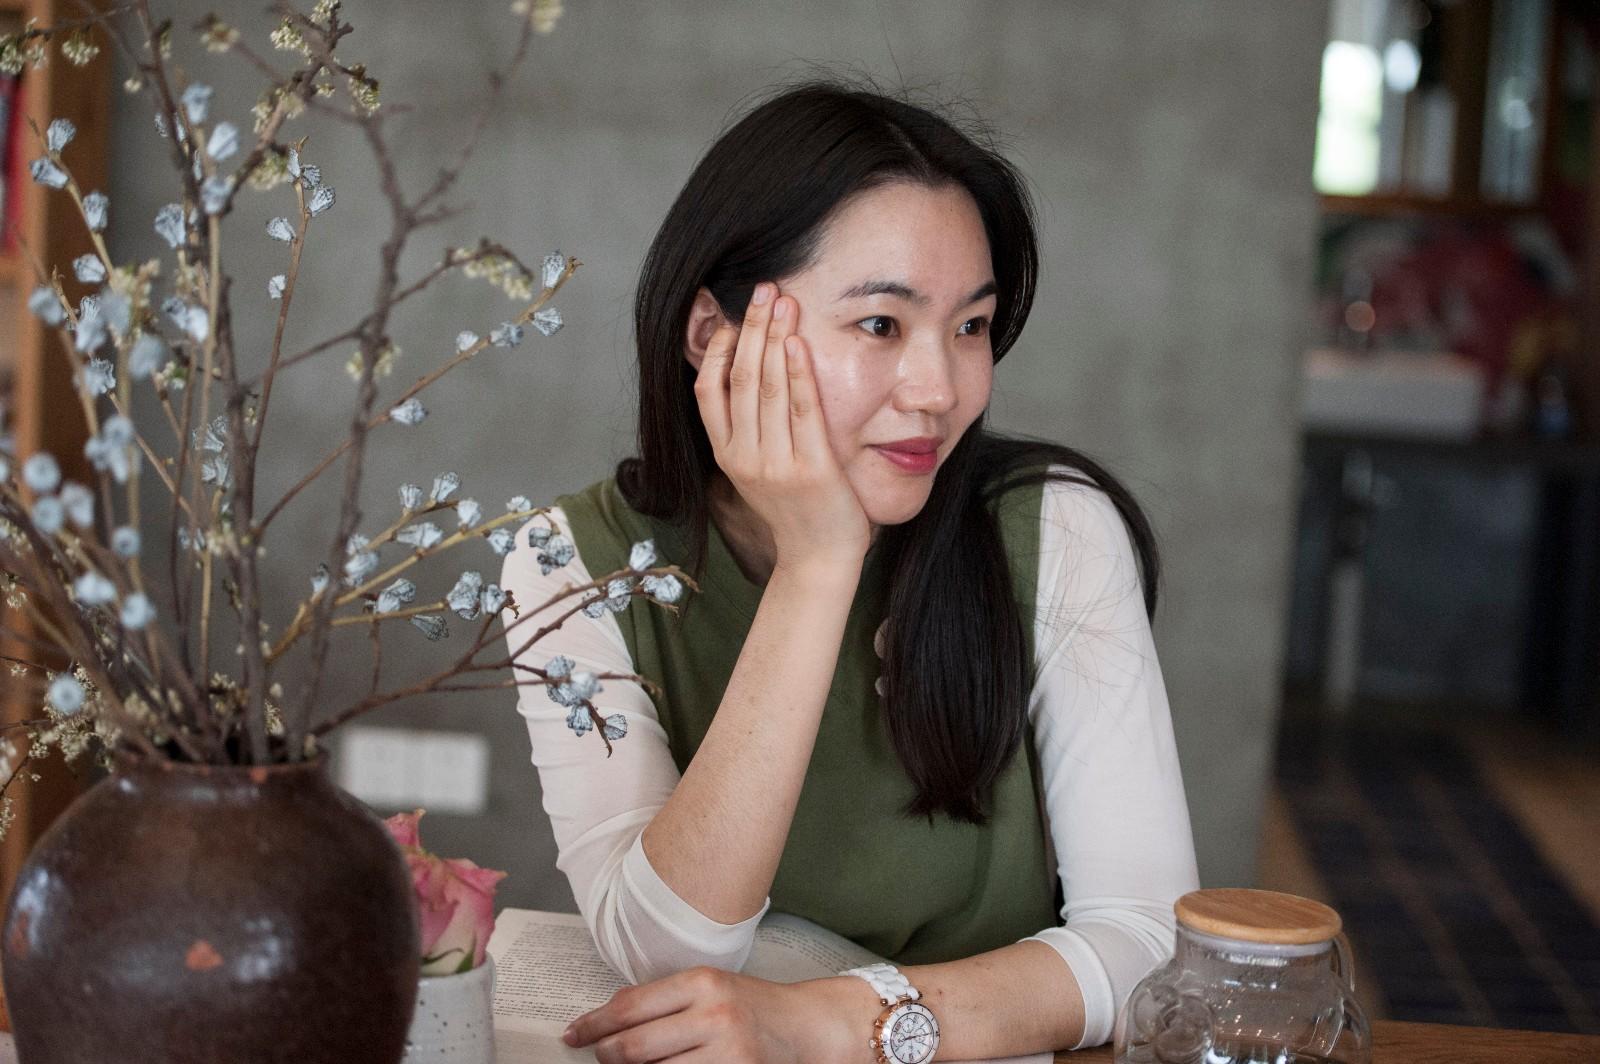 艺术美女性视频_安徽合肥:崔岗艺术村慢趴客栈拍美女